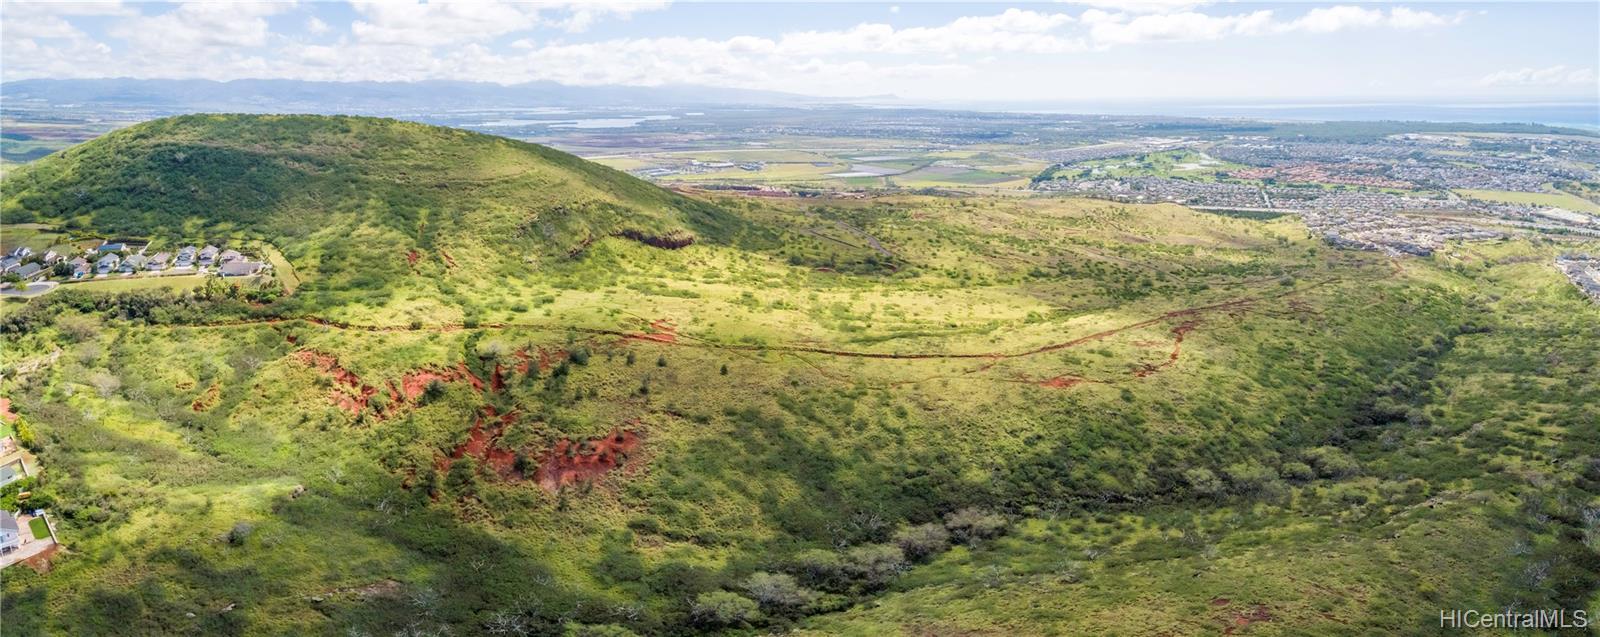 92-000 Kulihi Street  Kapolei, Hi 96707 vacant land - photo 2 of 8